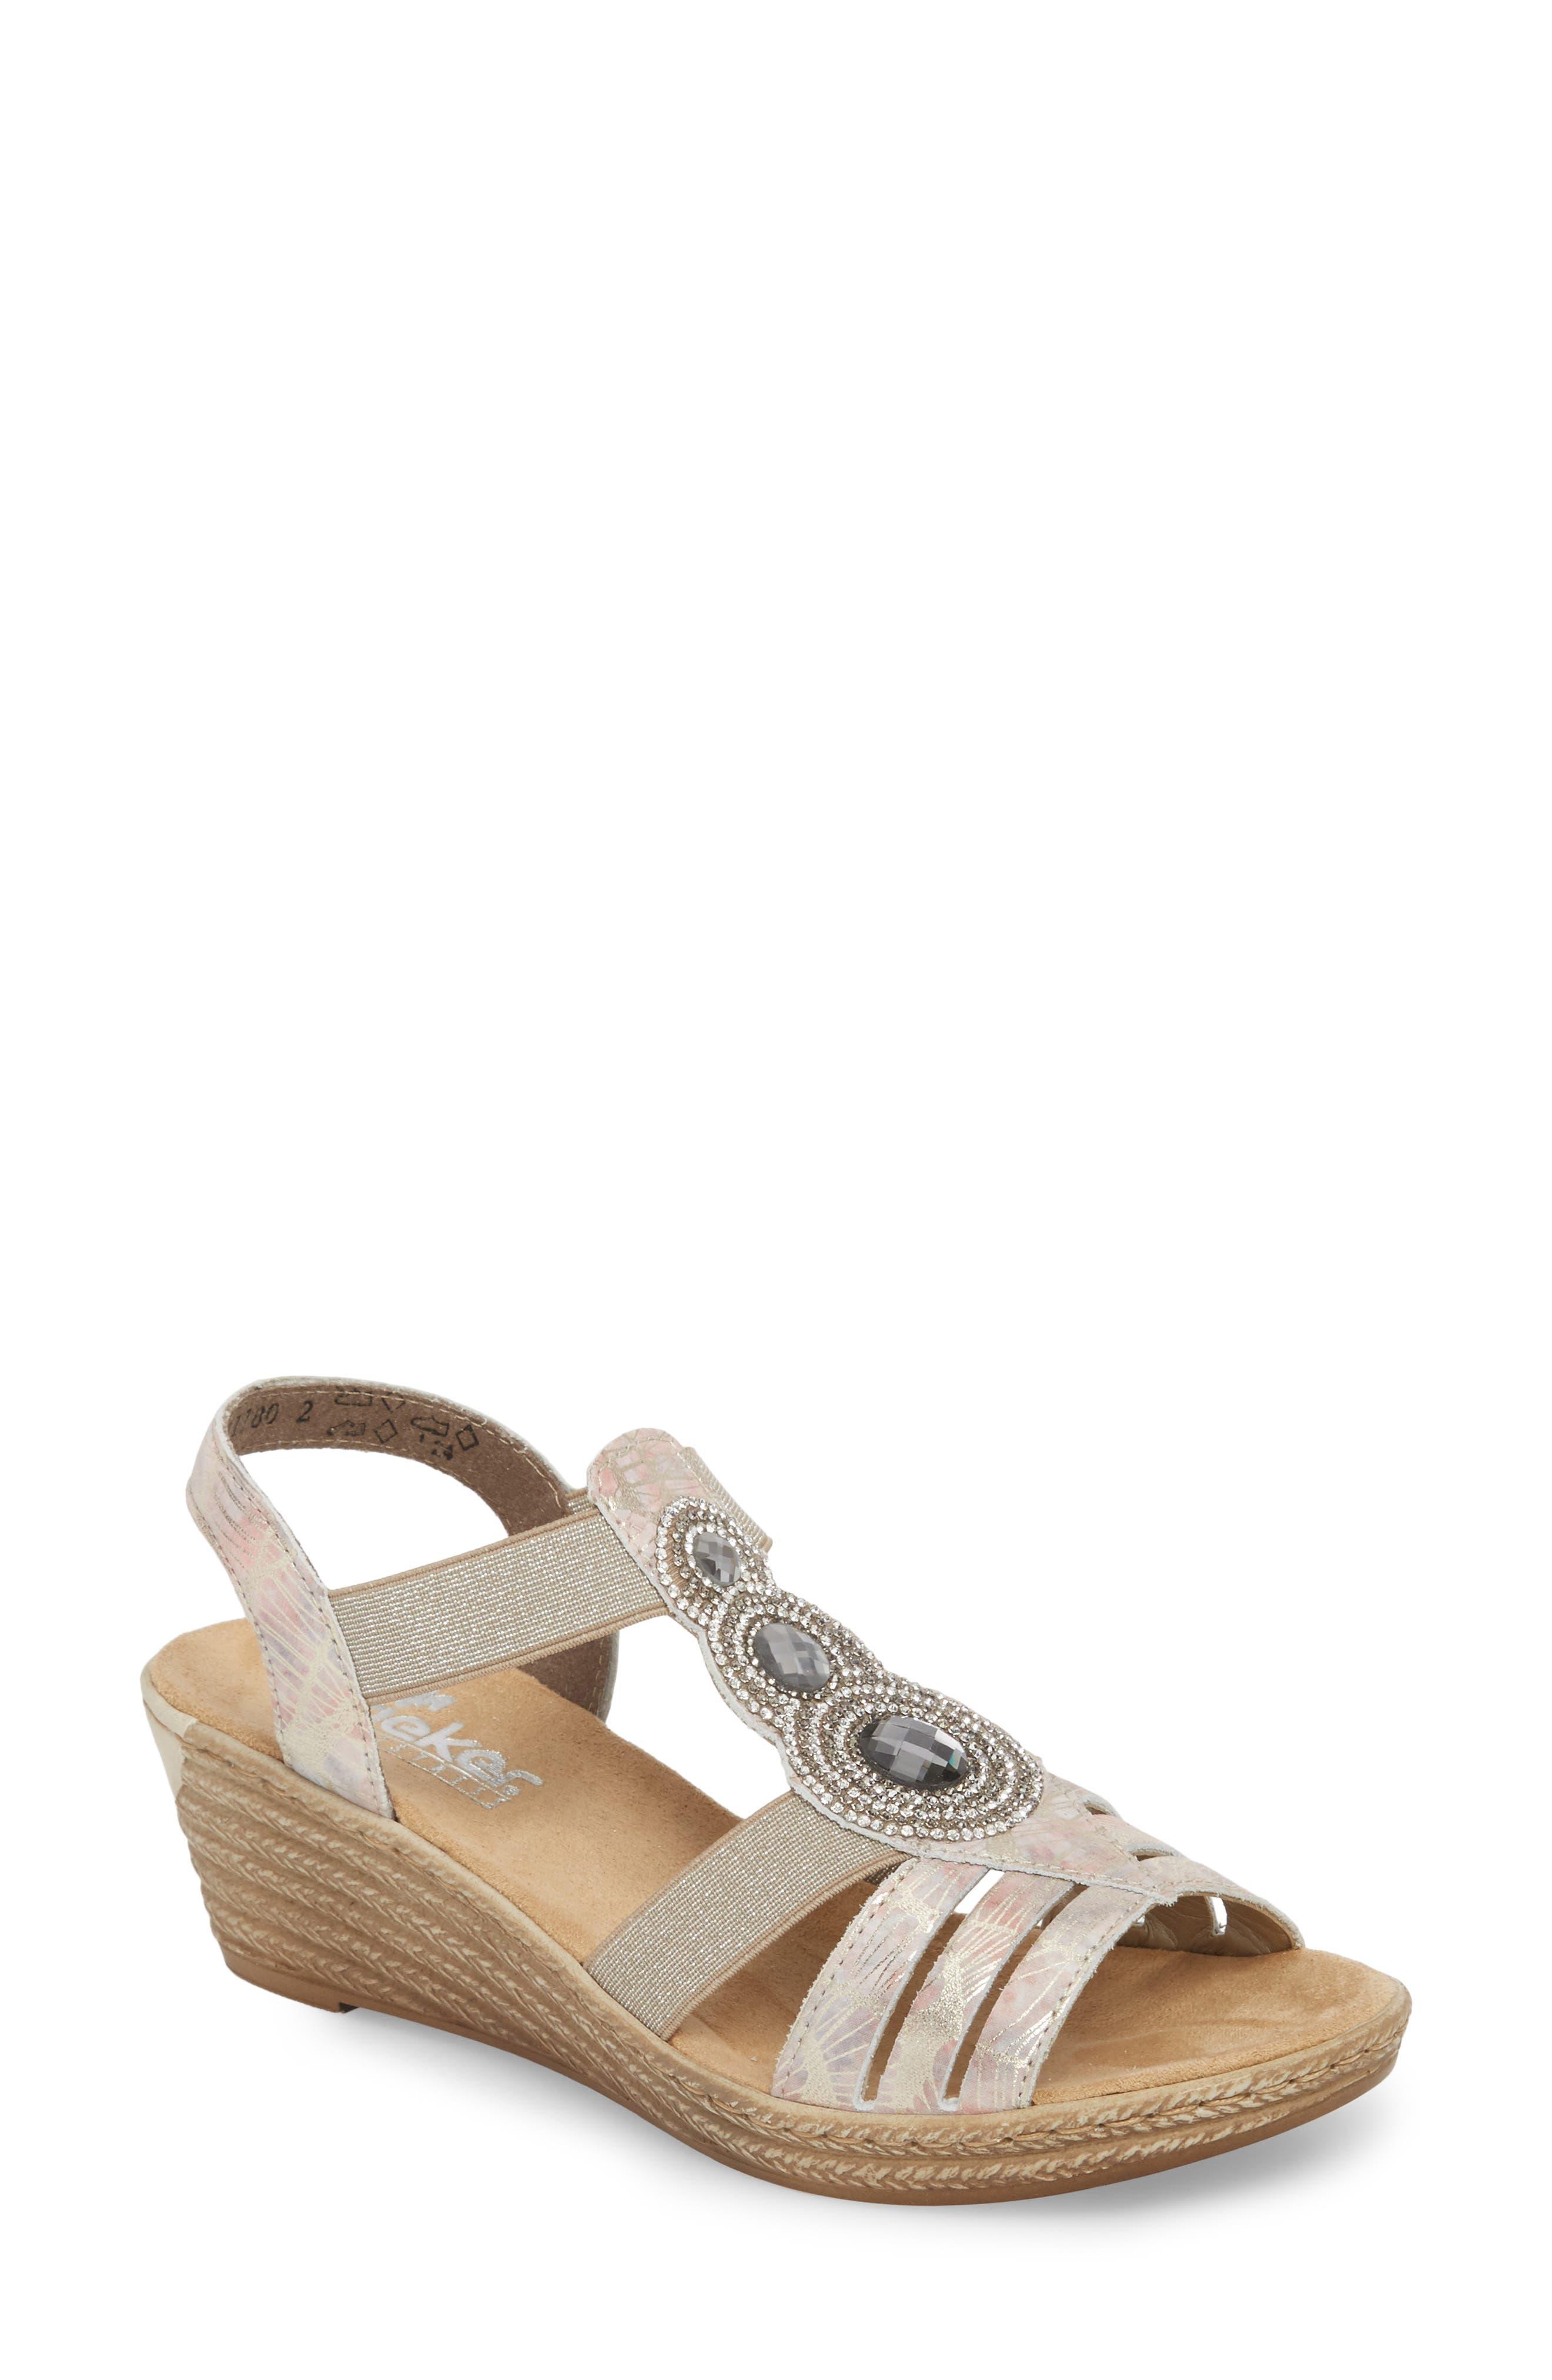 'Fanni' Wedge Sandal,                         Main,                         color, Multi Metal